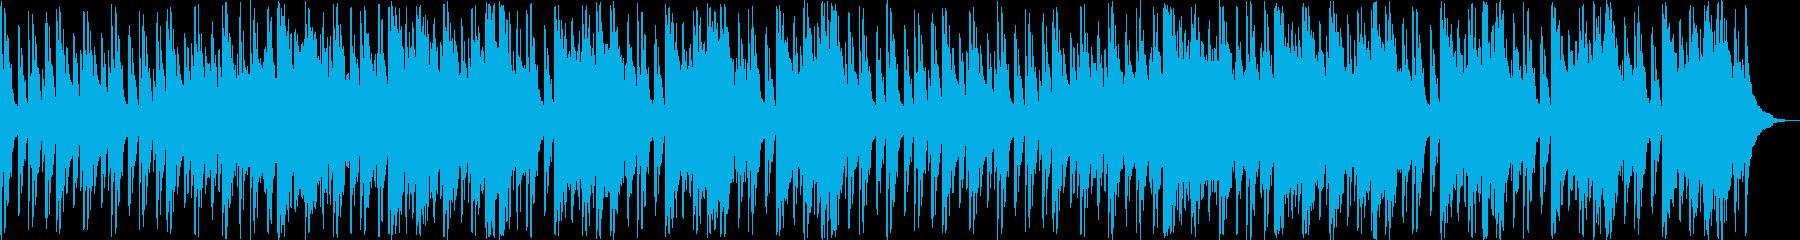 ノスタルジックなギターシンセサウンドの再生済みの波形